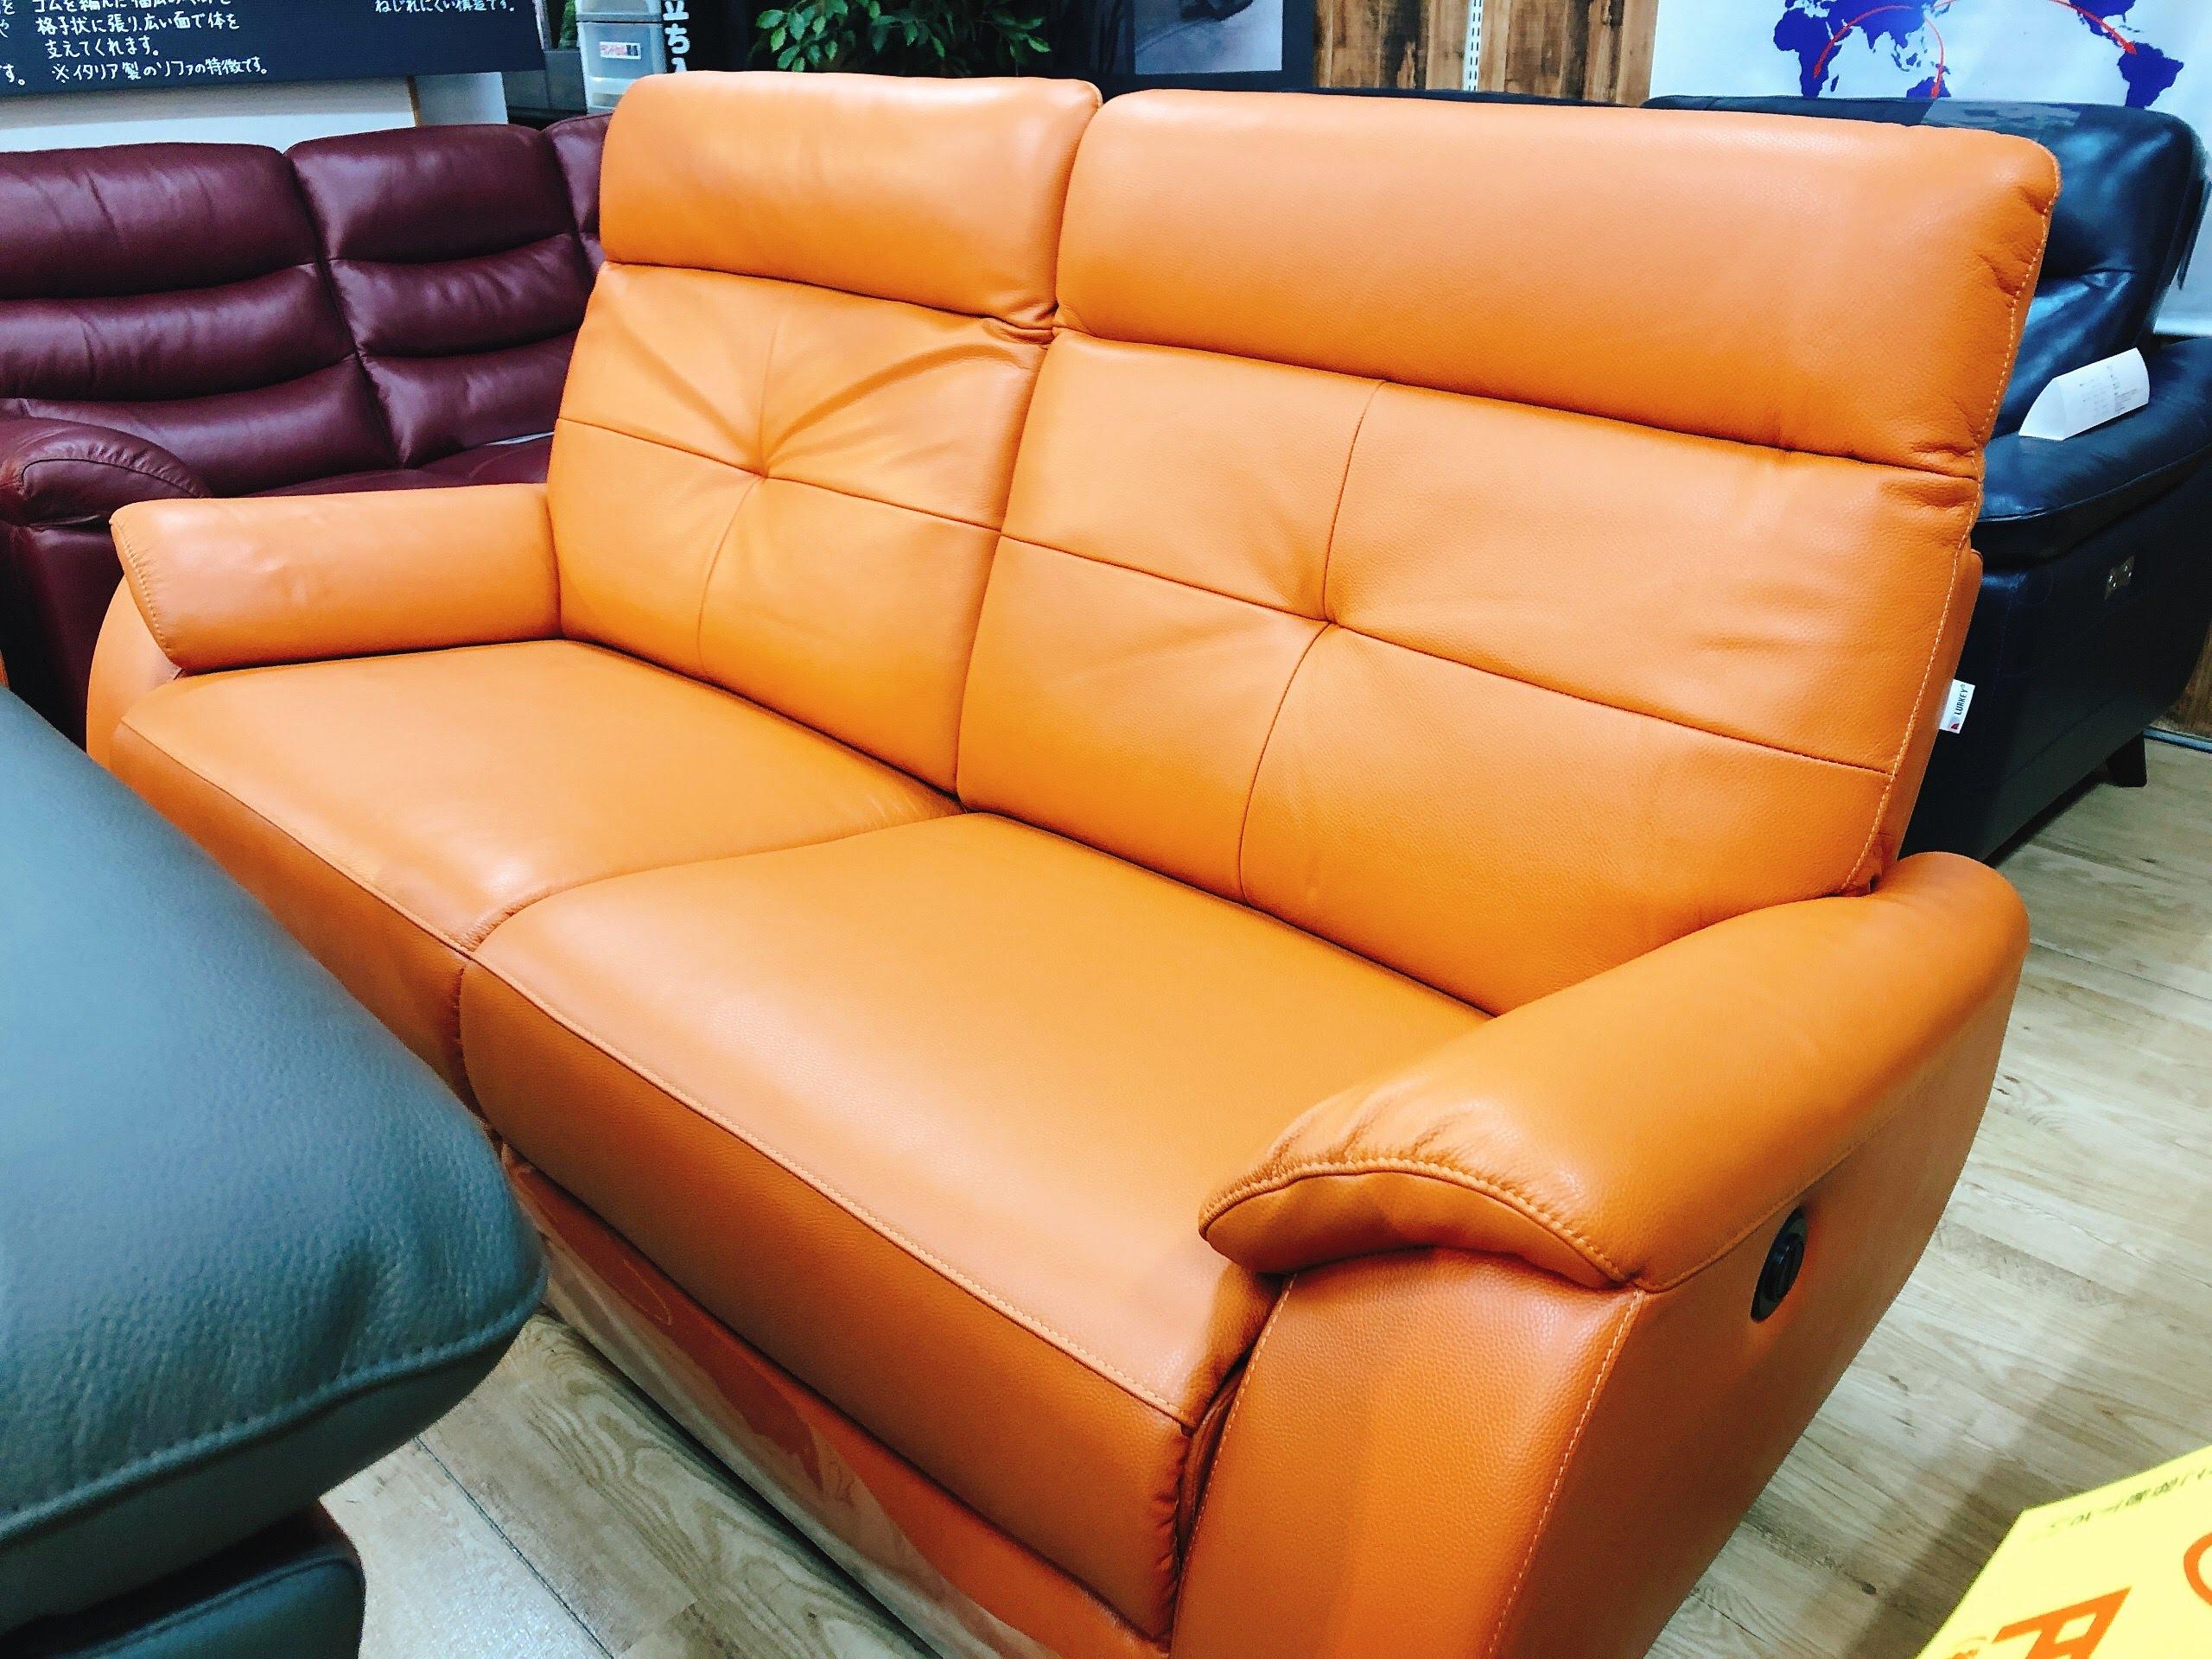 イタリア厚革 電動リクライニングソファー グレー色とオレンジ色 各一台限りの画像5